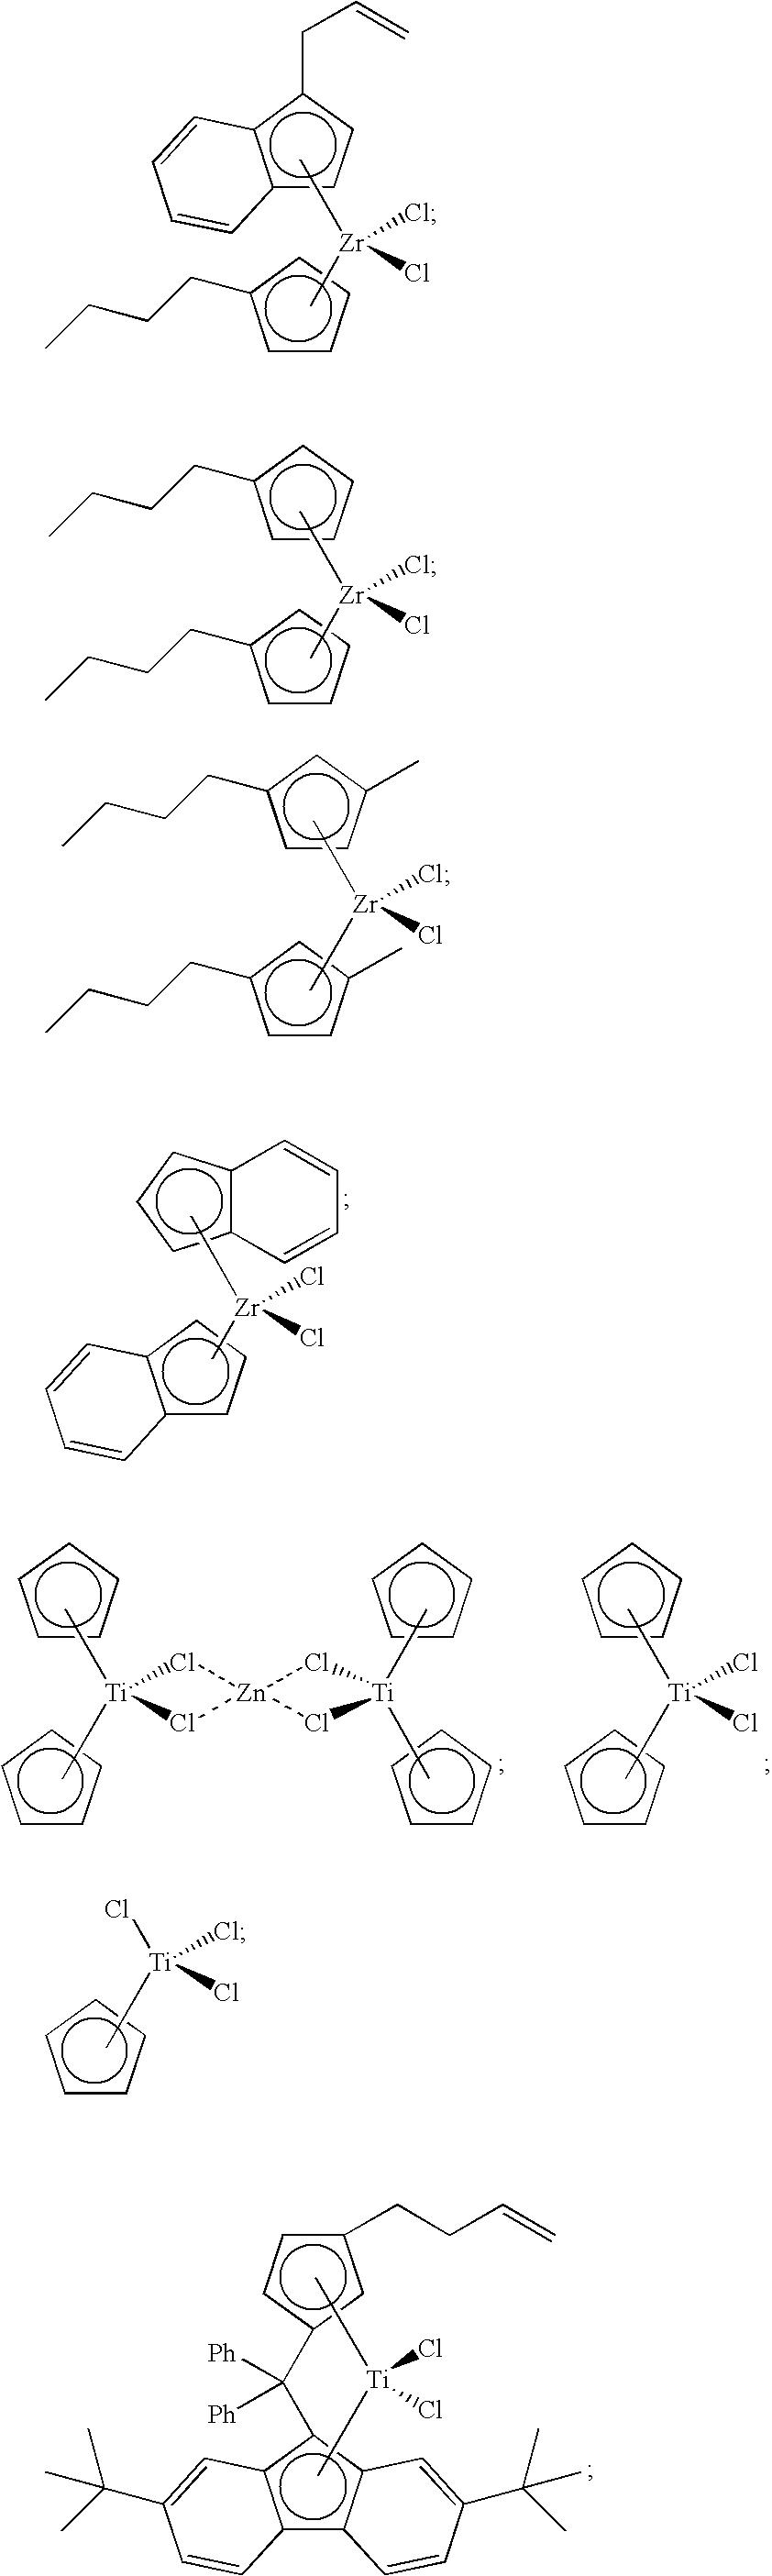 Figure US08329834-20121211-C00053